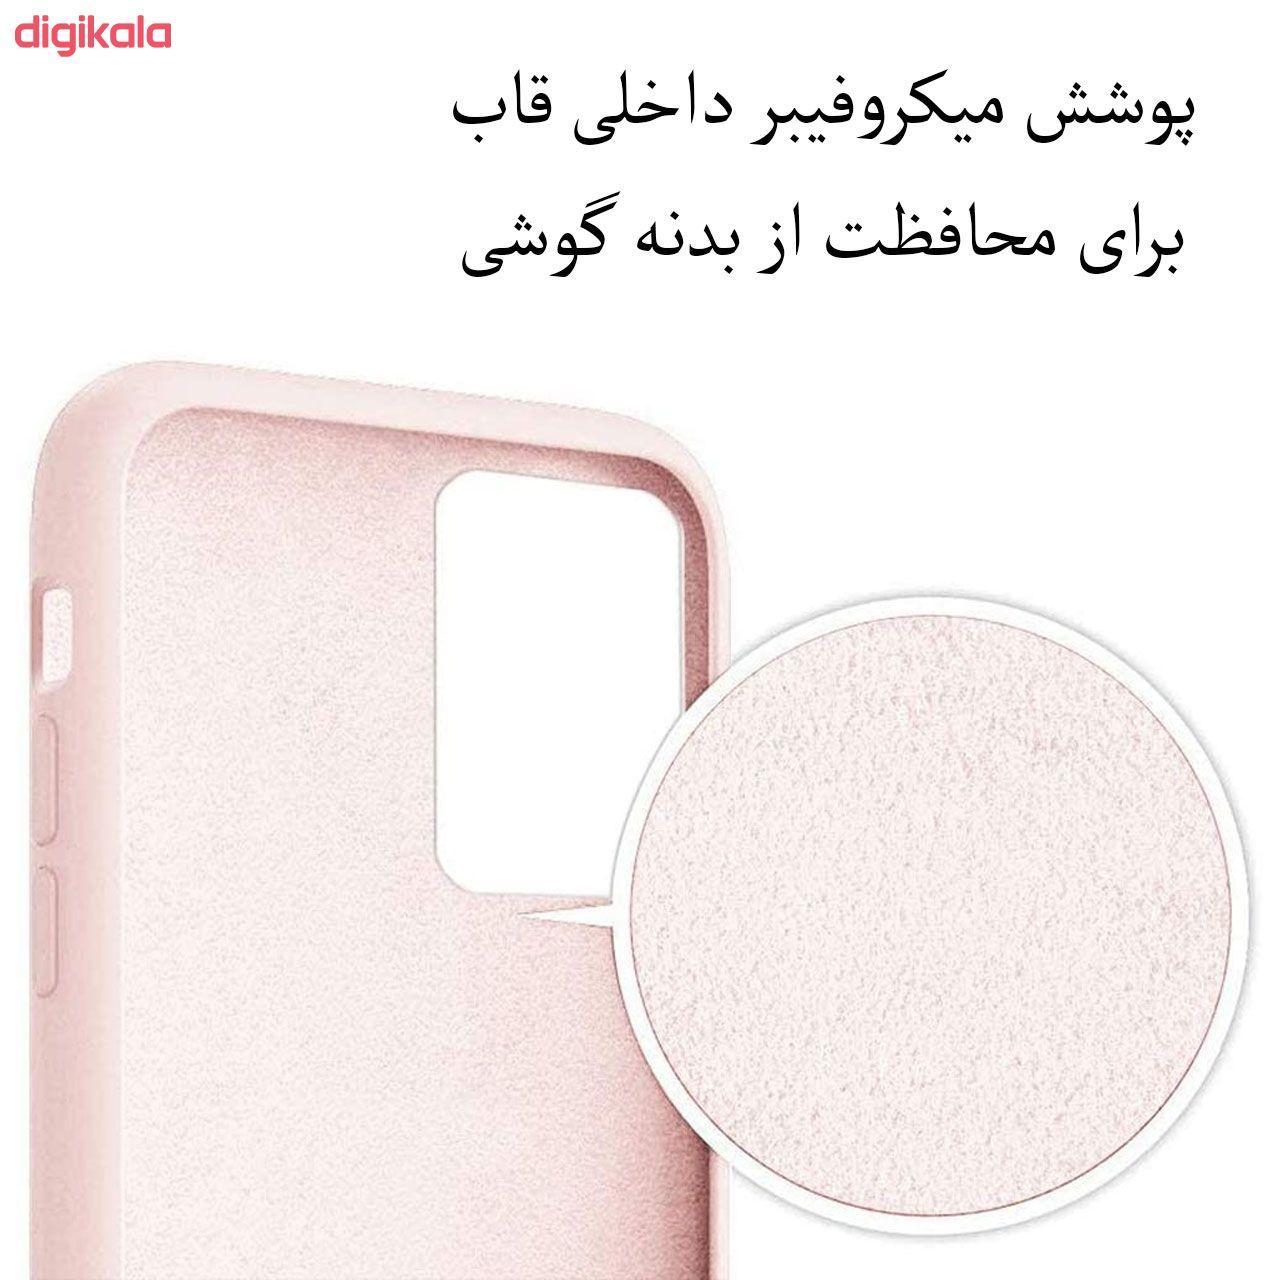 کاور مدل SLCN مناسب برای گوشی موبایل سامسونگ Galaxy A71 main 1 12